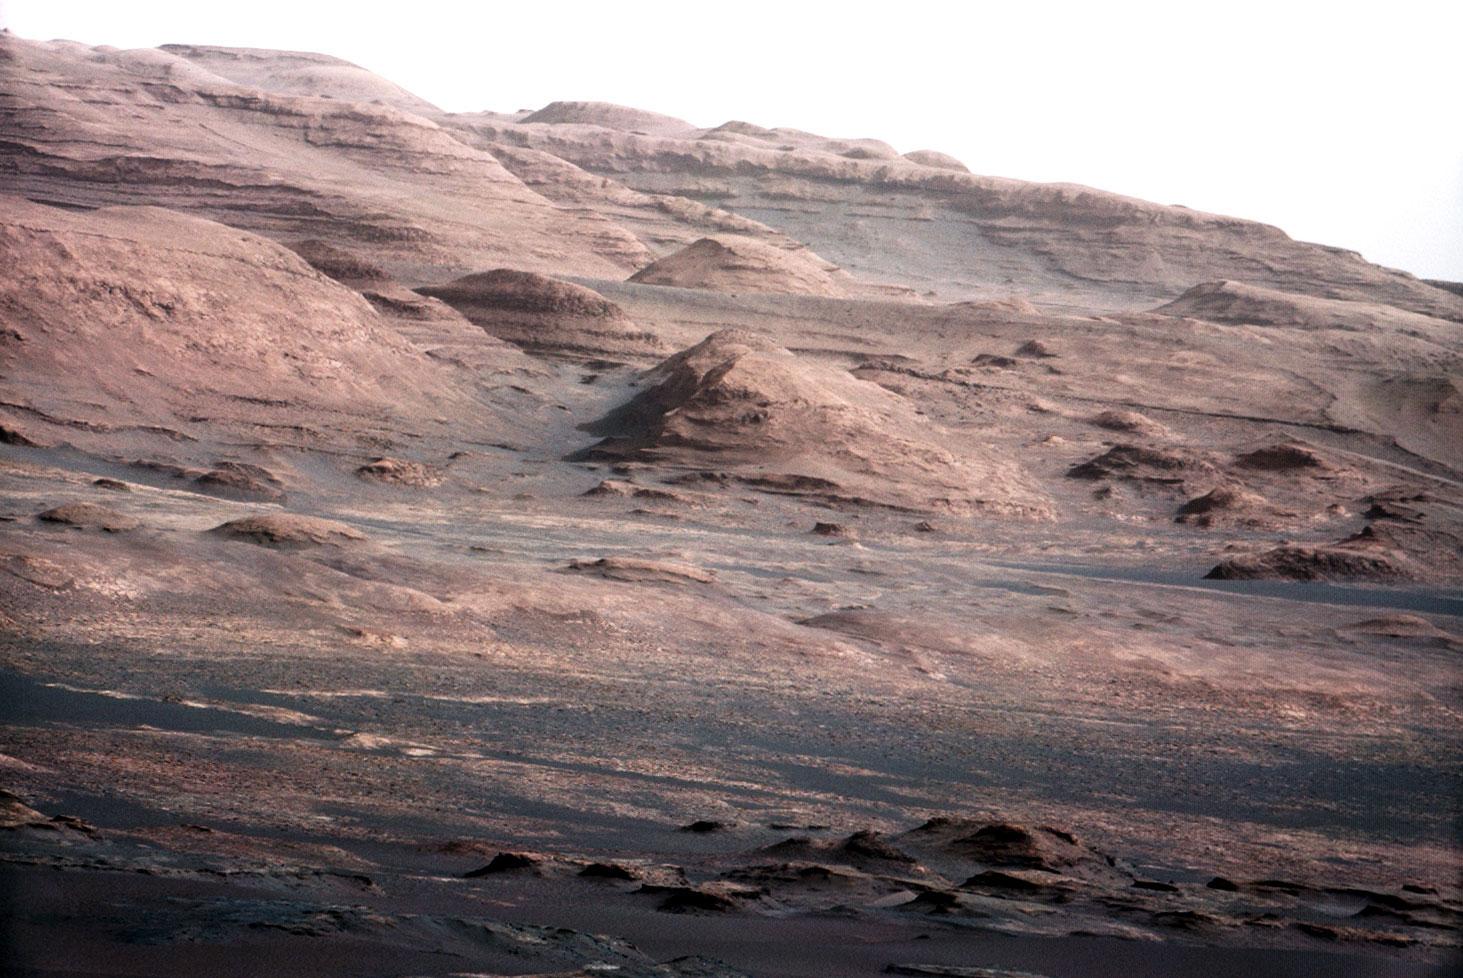 Curiosity gözünden bir gün yeşile dönecek Mars manzarası. [NASA]